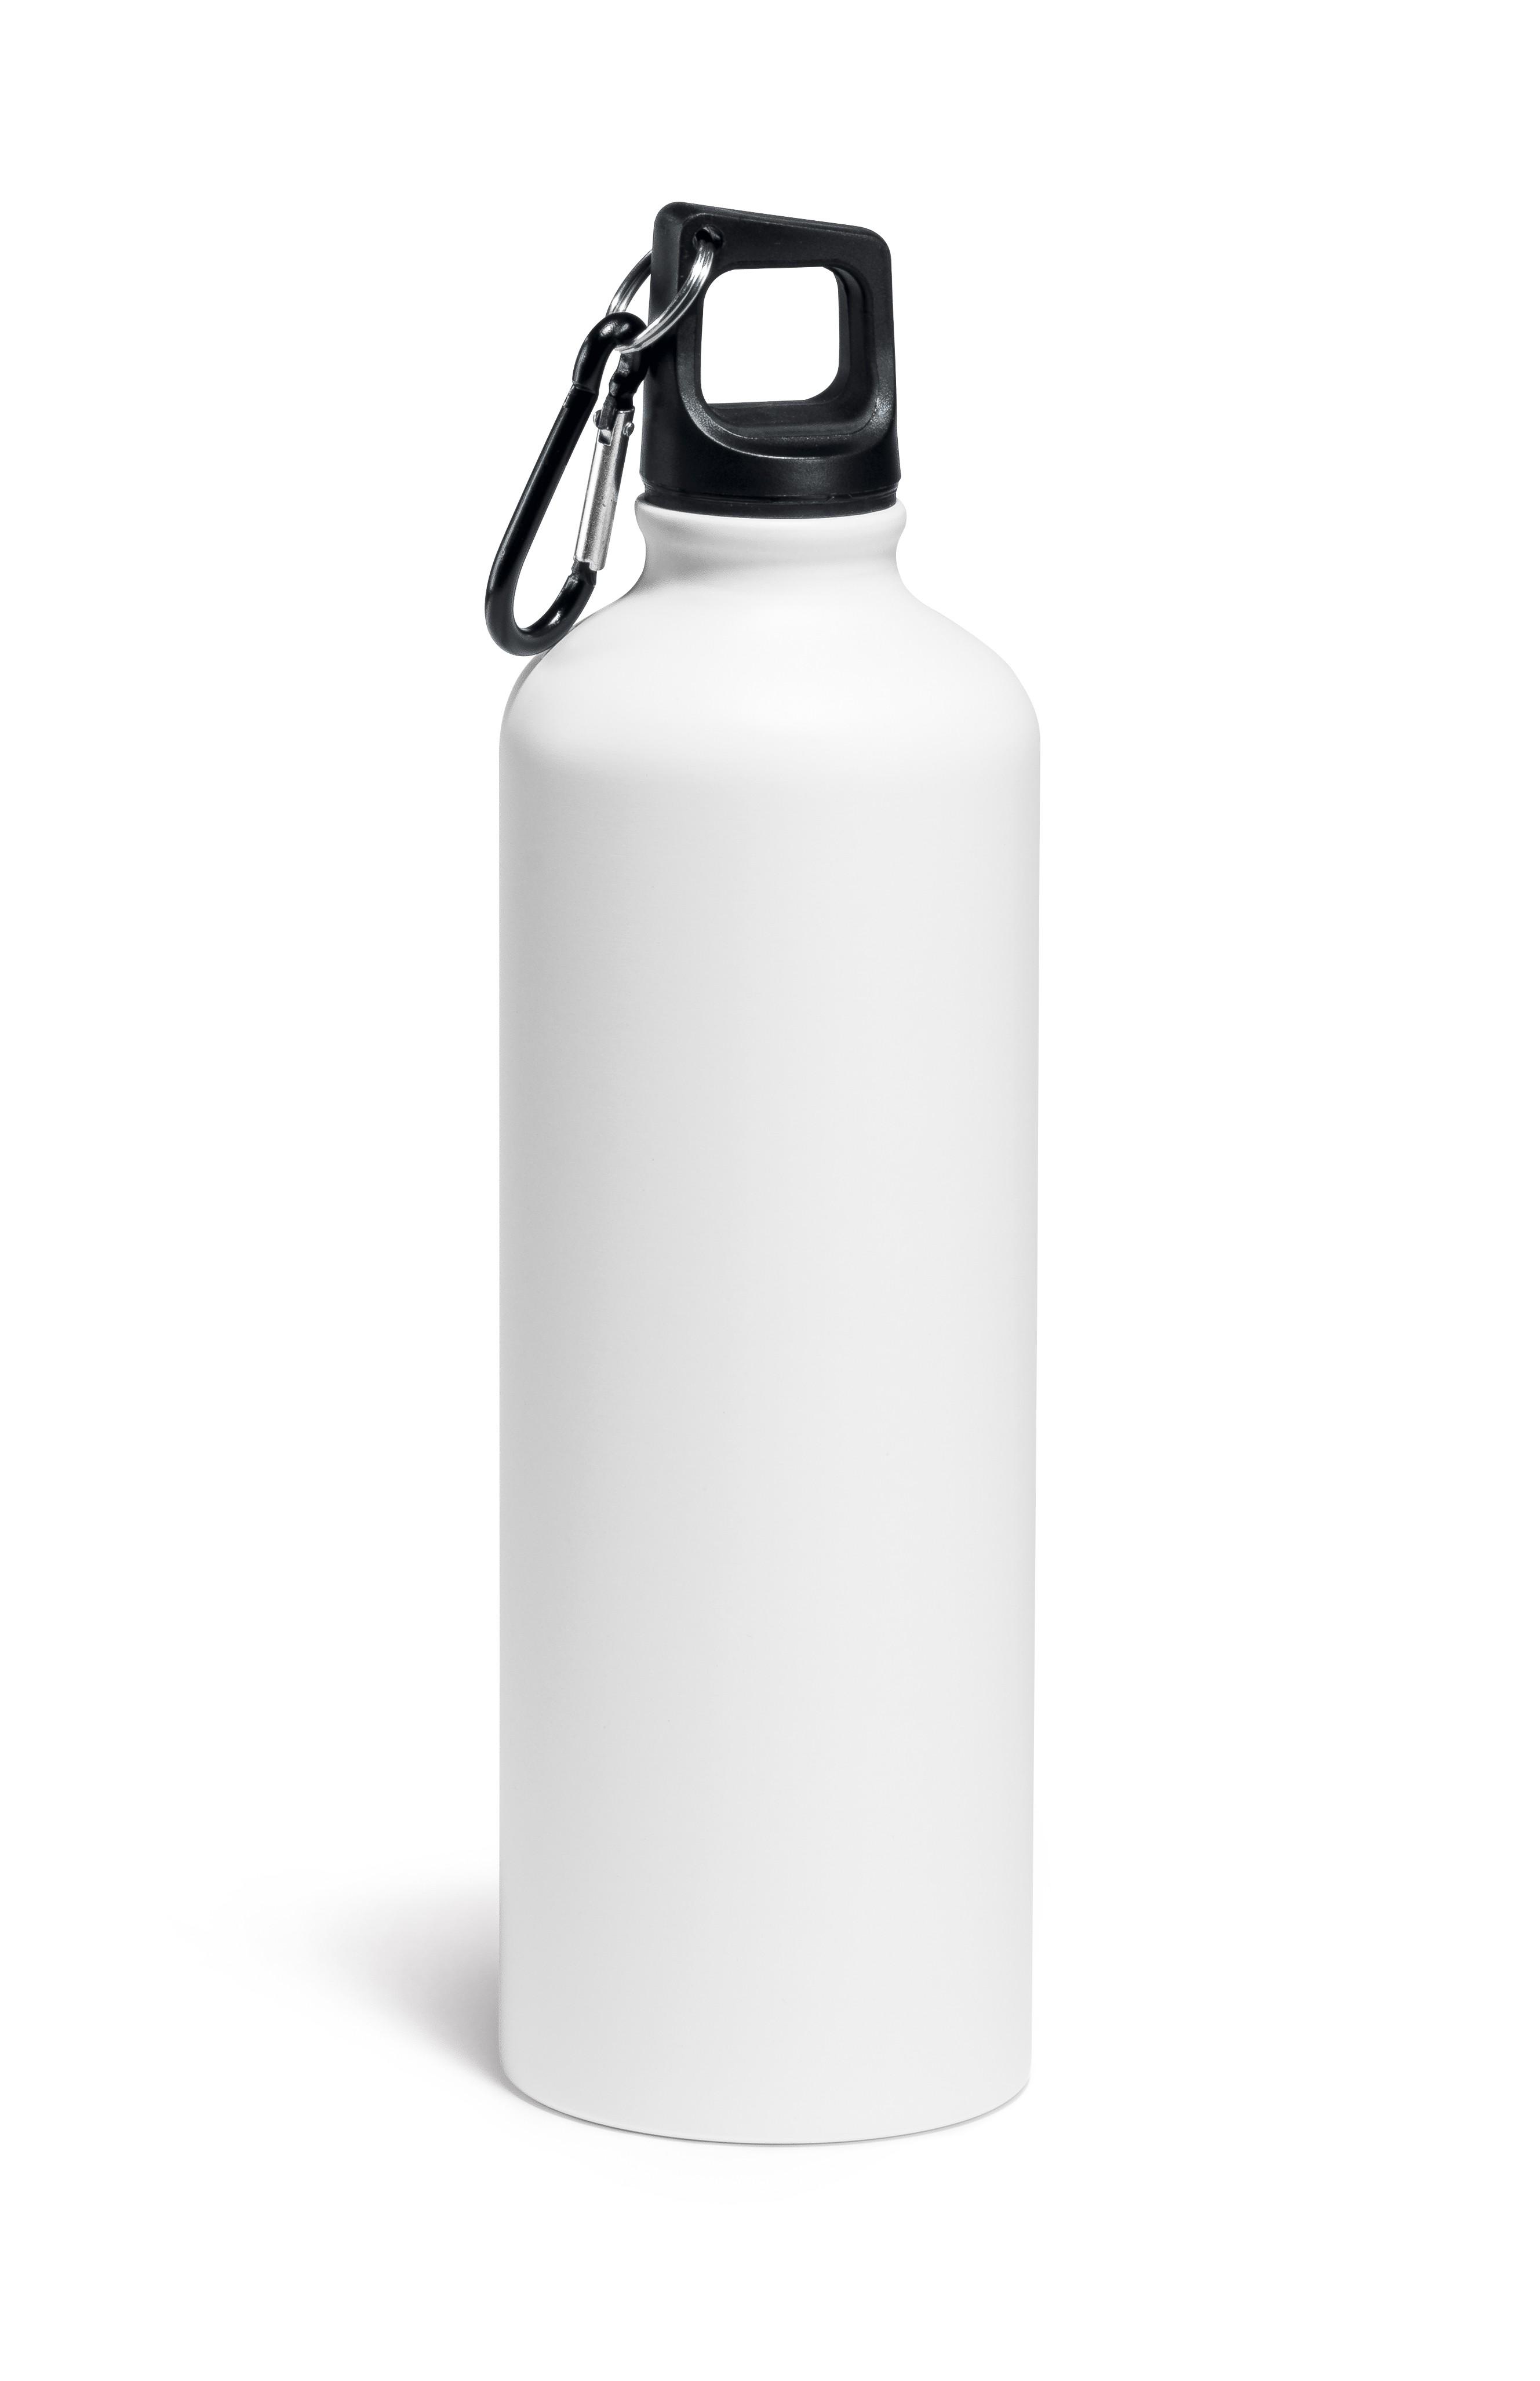 77e63b25e Squeeze de Alumínio 750 ml Personalizado - 203064